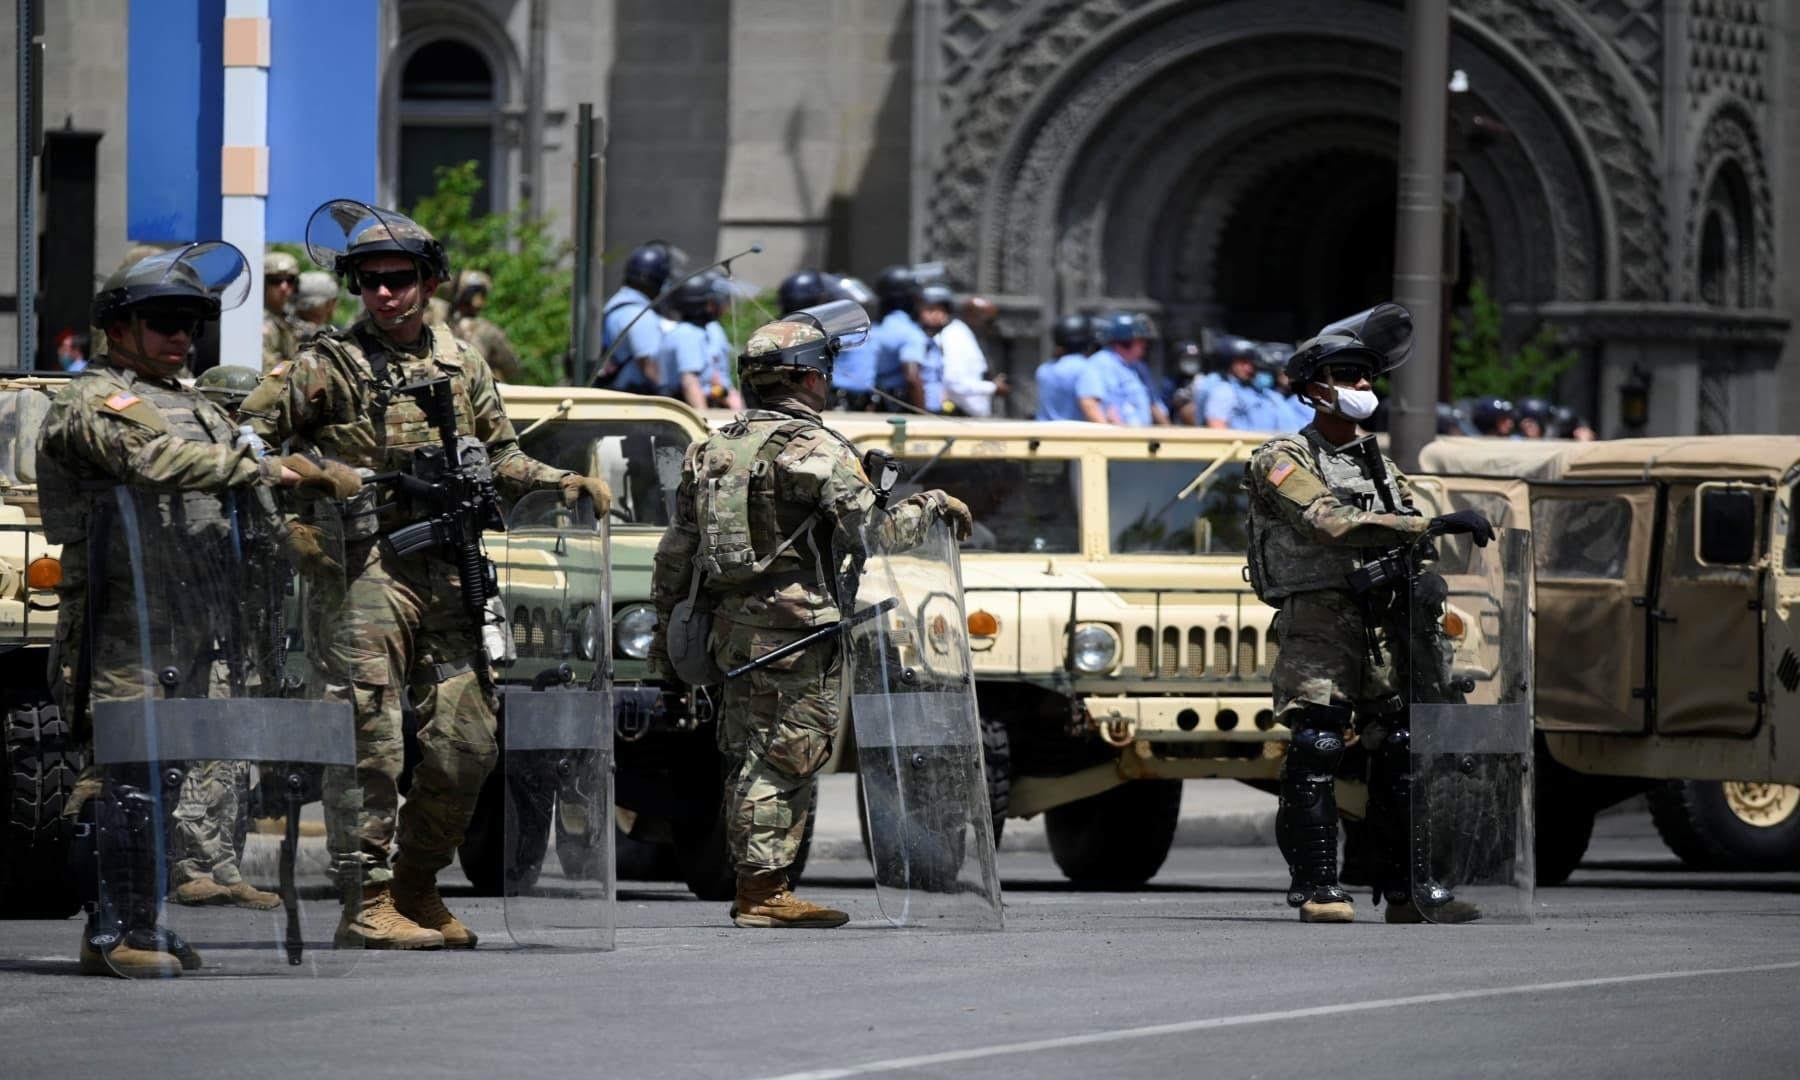 پینسلوینیا میں ہونے والے پرتشدد مظاہروں سے نمٹنے کے لیے پولیس کی معاونت کے لیے نیشنل گارڈز کو بھیج دیا گیا — فوٹو: رائٹرز